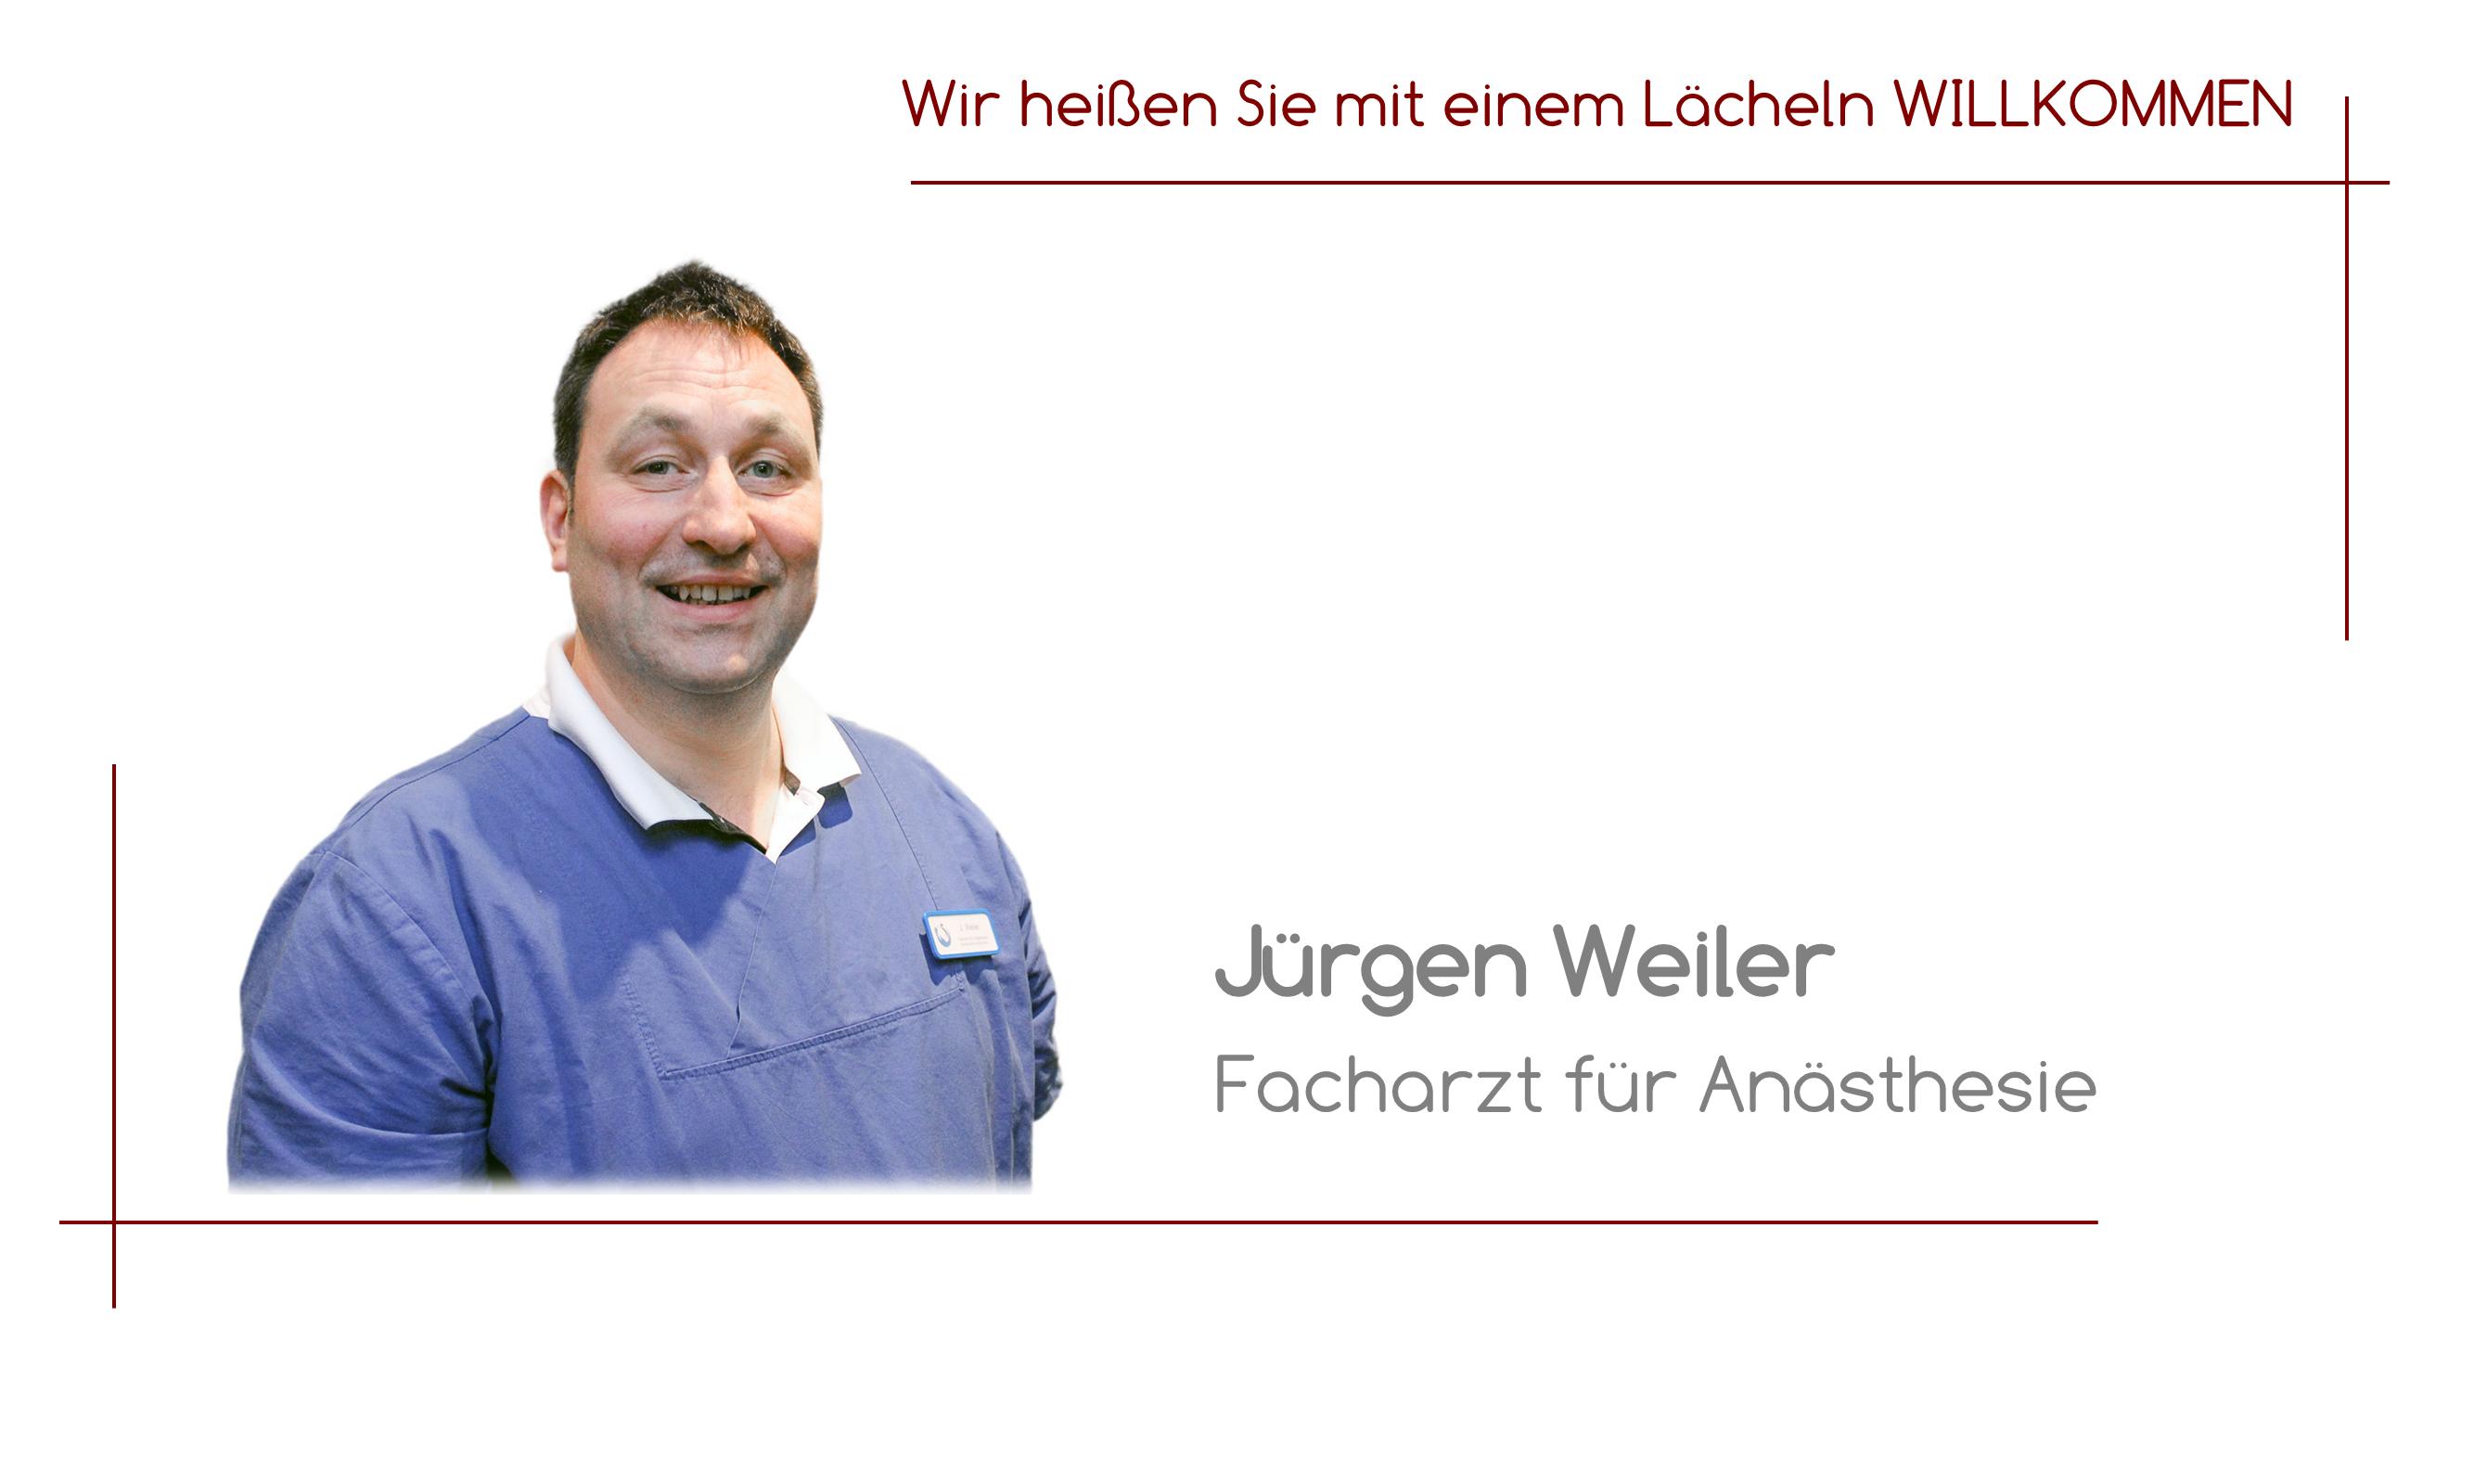 Jürgen Weiler - Facharzt für Anästhesie